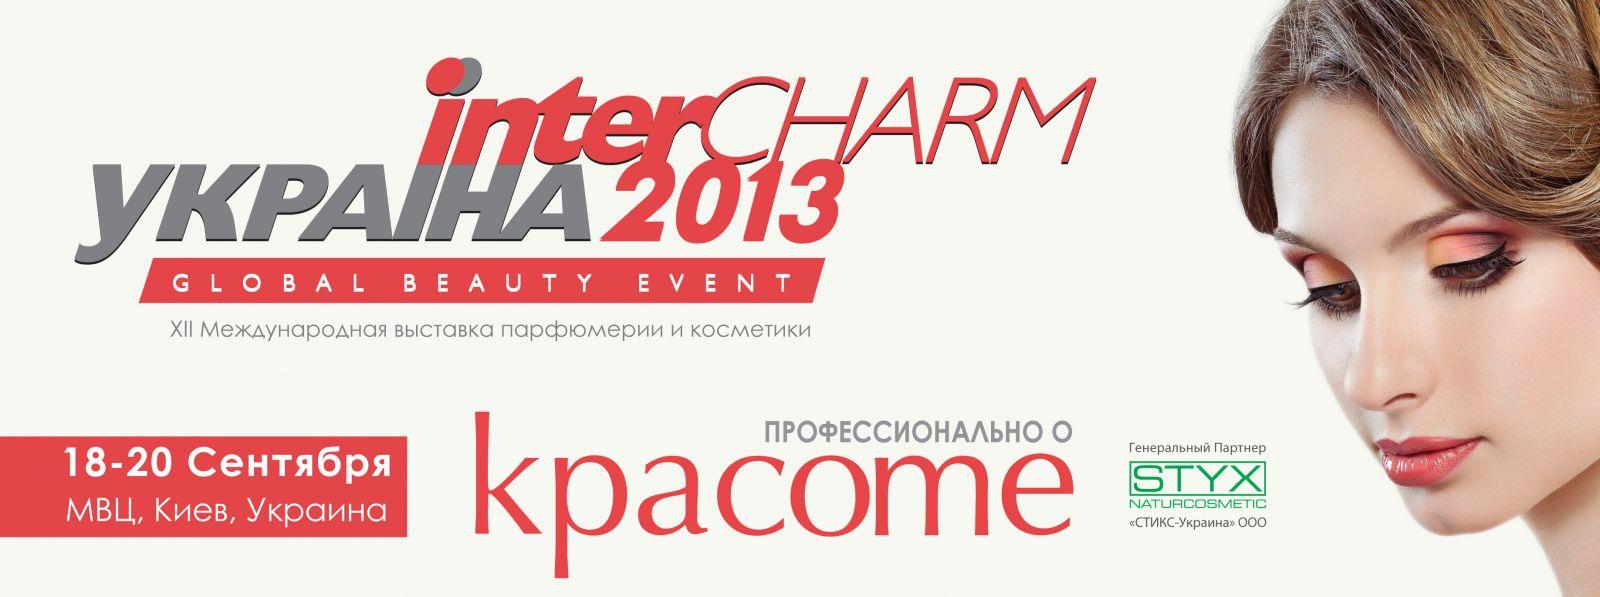 В сентябре откроется 12-я выставка «InterCHARM-Украина 2013» - фото №1